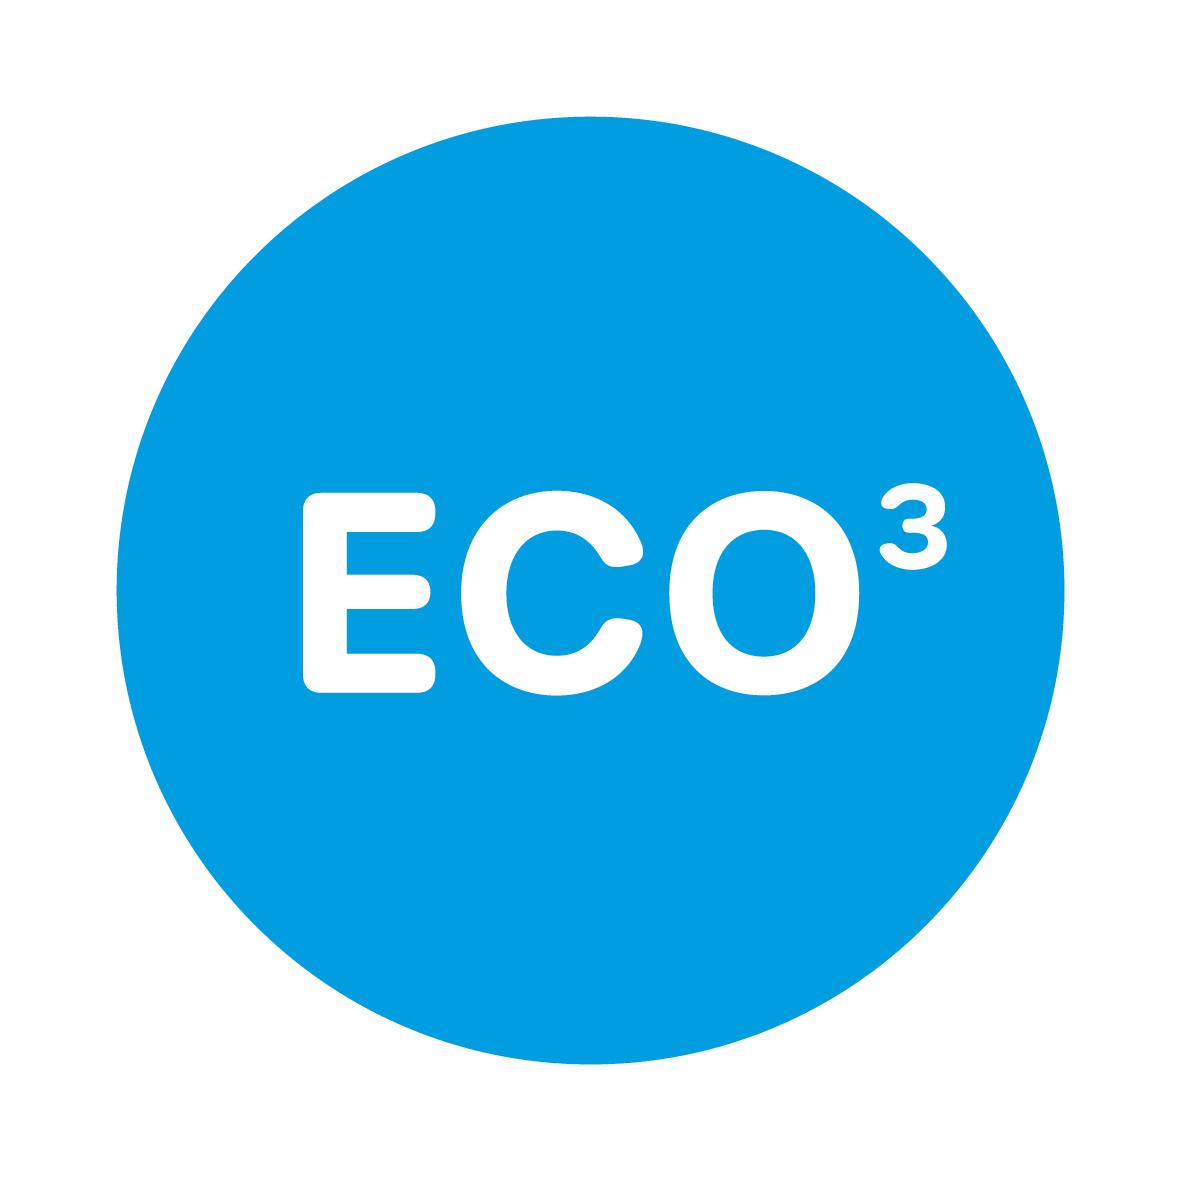 detect remove reuse beschreibt die Wasser 3.0 im Bereich circular economy. Nur wer den Kreislauf schließt, arbeitet nachhaltig. Die Wiederverwertung unserer Agglomerate erforschen wir bei reuse.